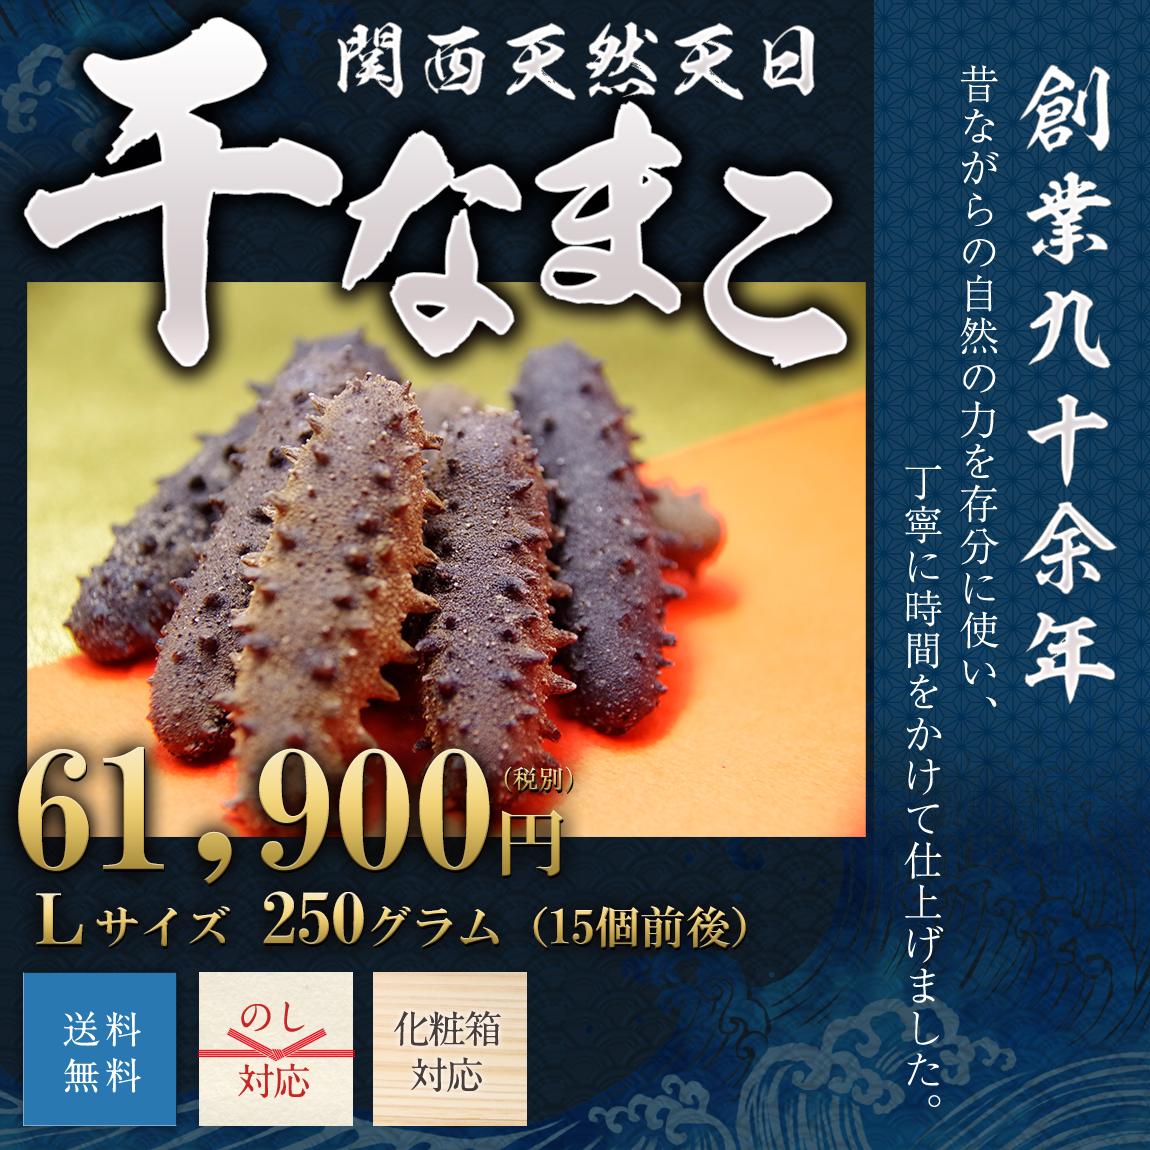 関西天然天日干しなまこ 特A品 Lサイズ250g(15個前後)送料無料 【ナマコ 海鼠 品川 なまこ 品川水産 乾燥 海鼠】